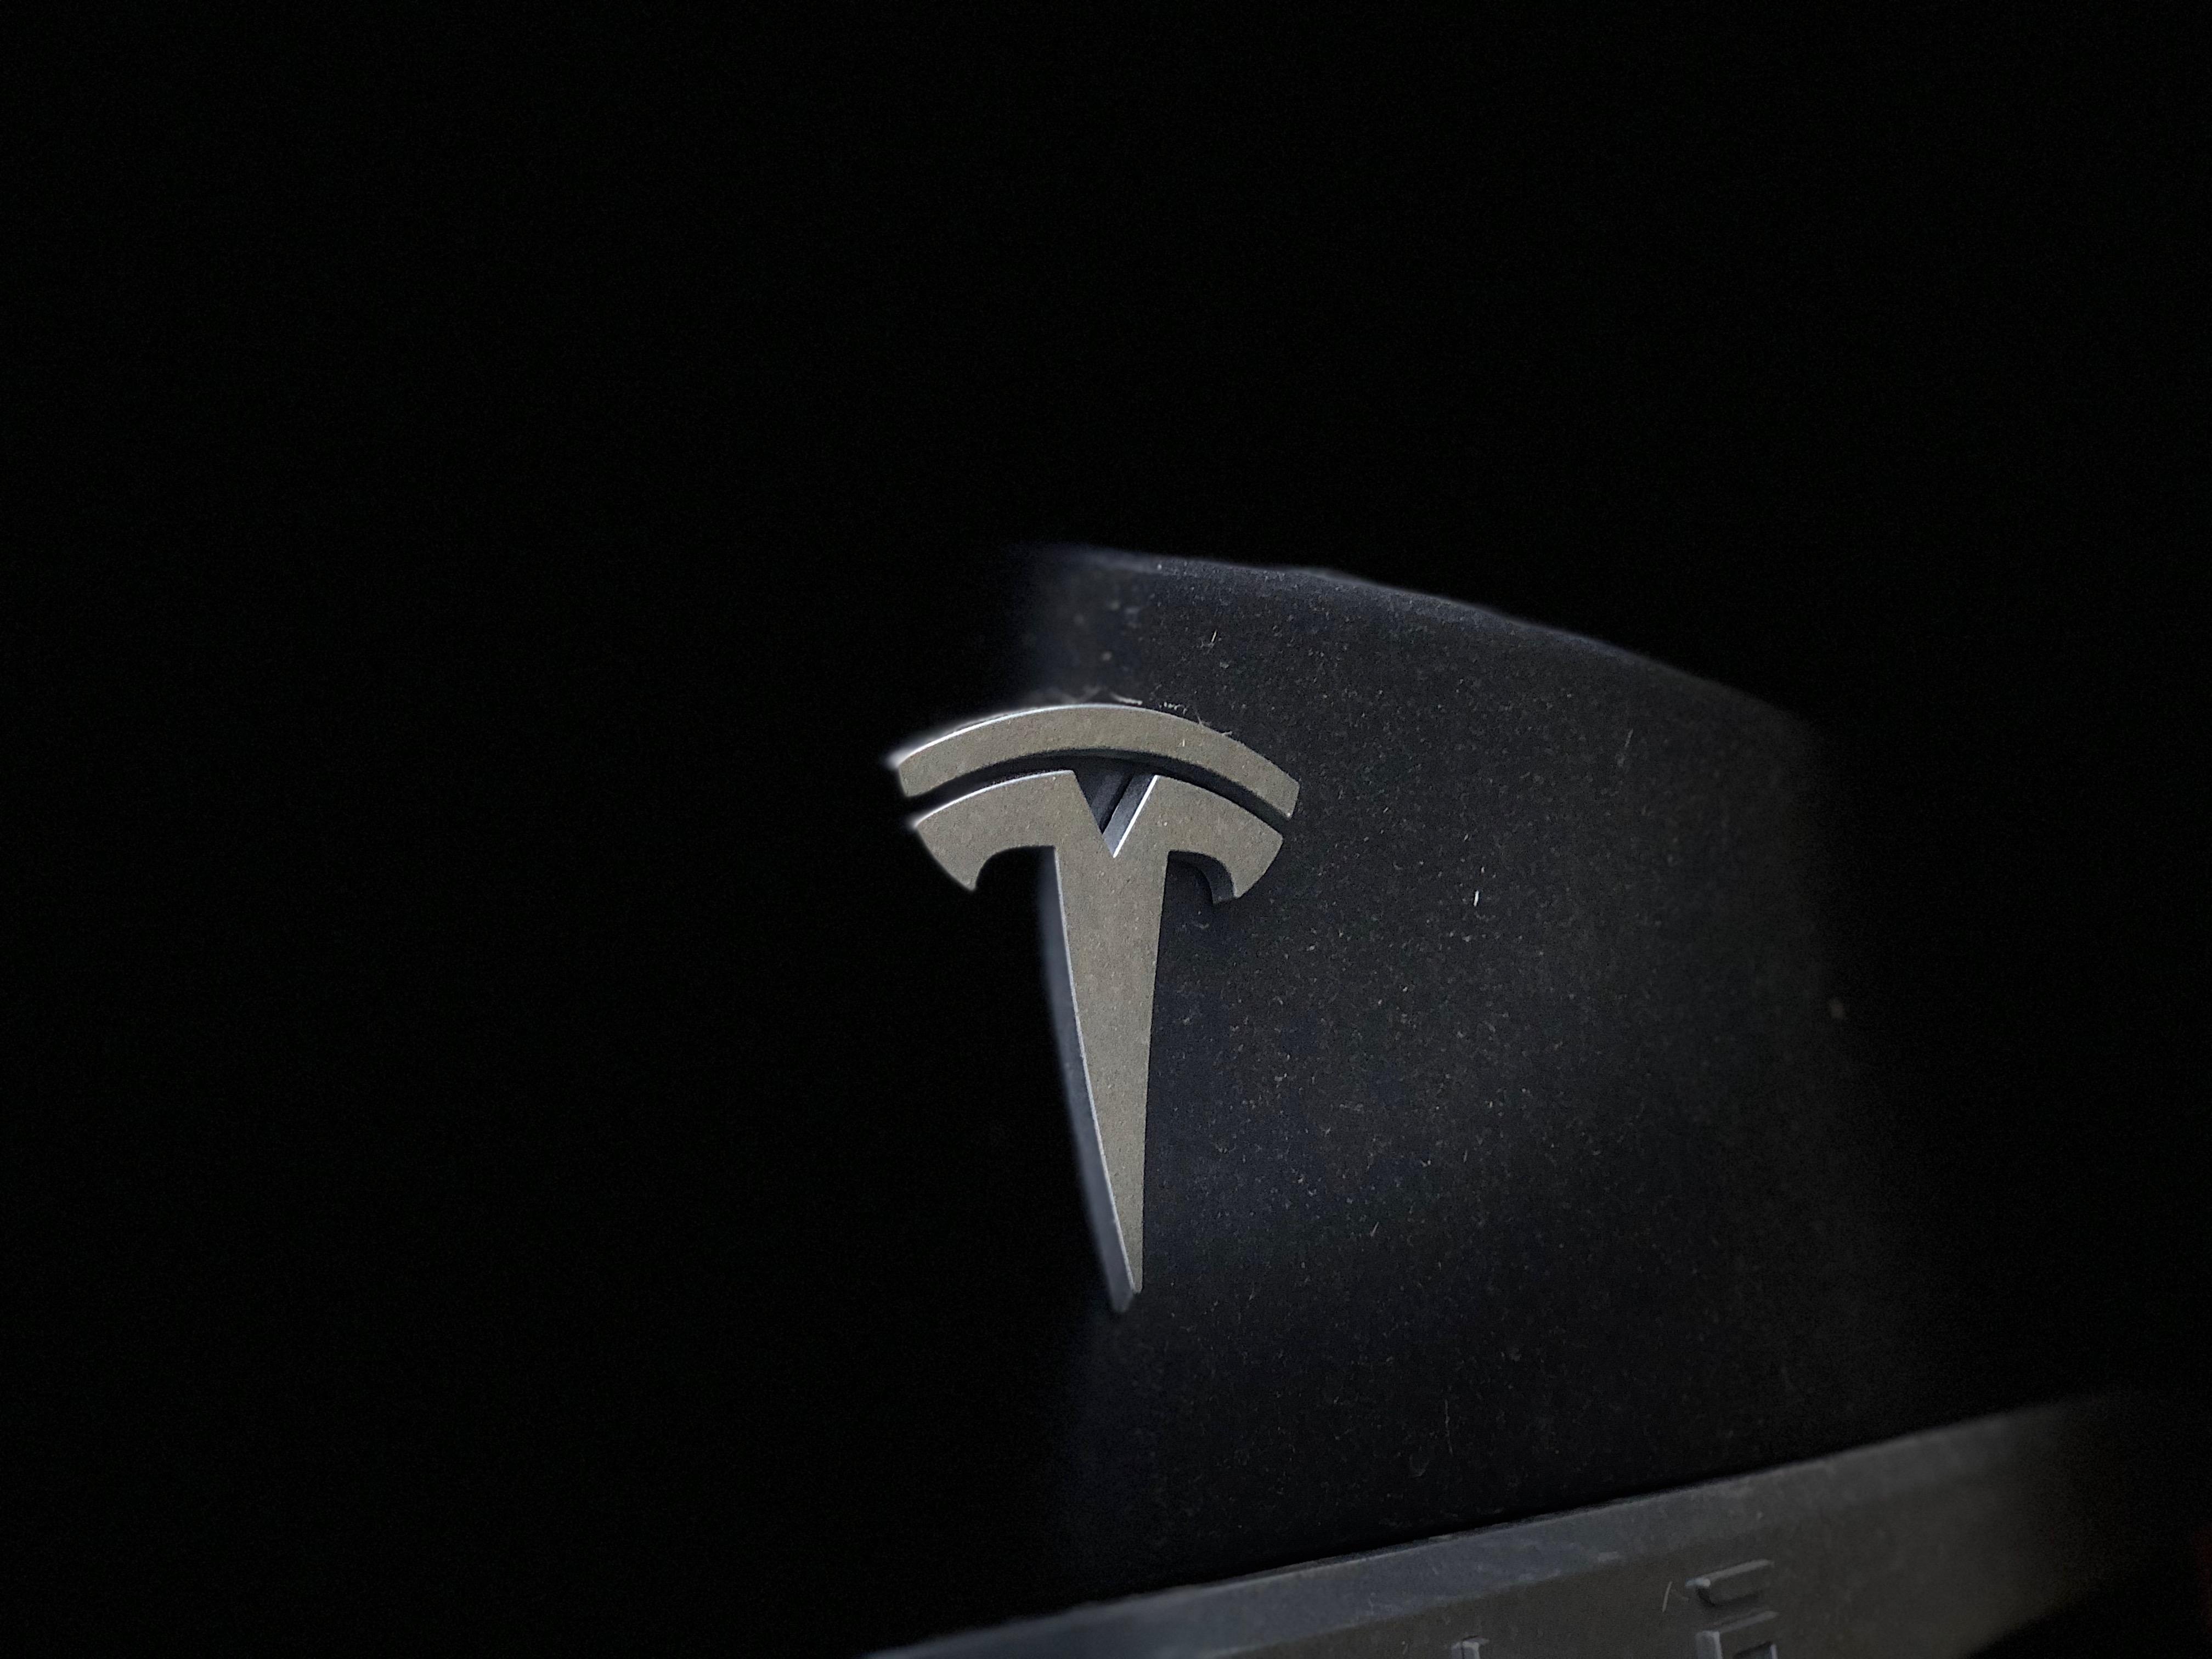 Aktuelle Tesla-News der Woche per Podcast